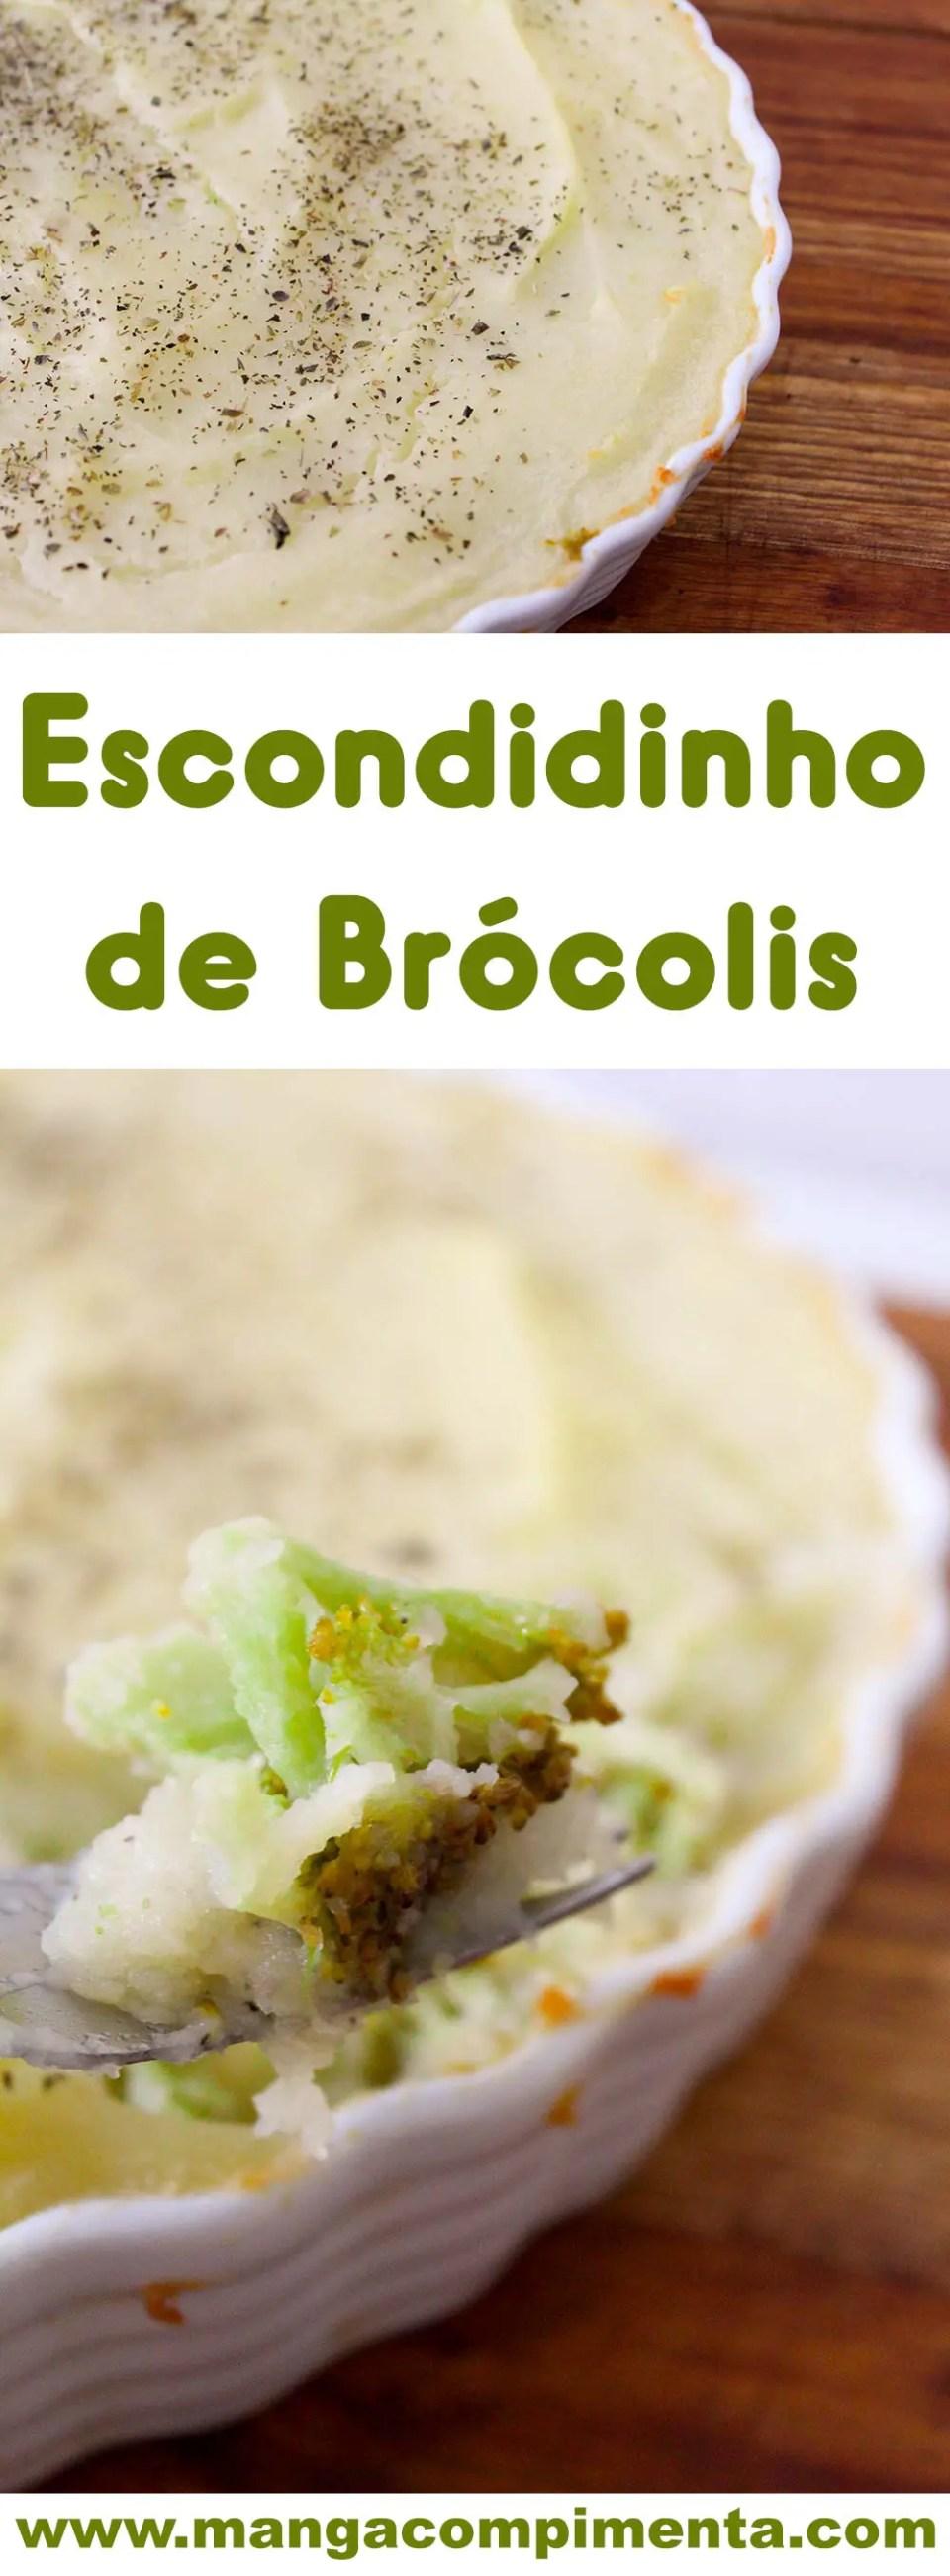 Escondidinho de Brócolis - prepare esse prato delicioso para o almoço da semana.